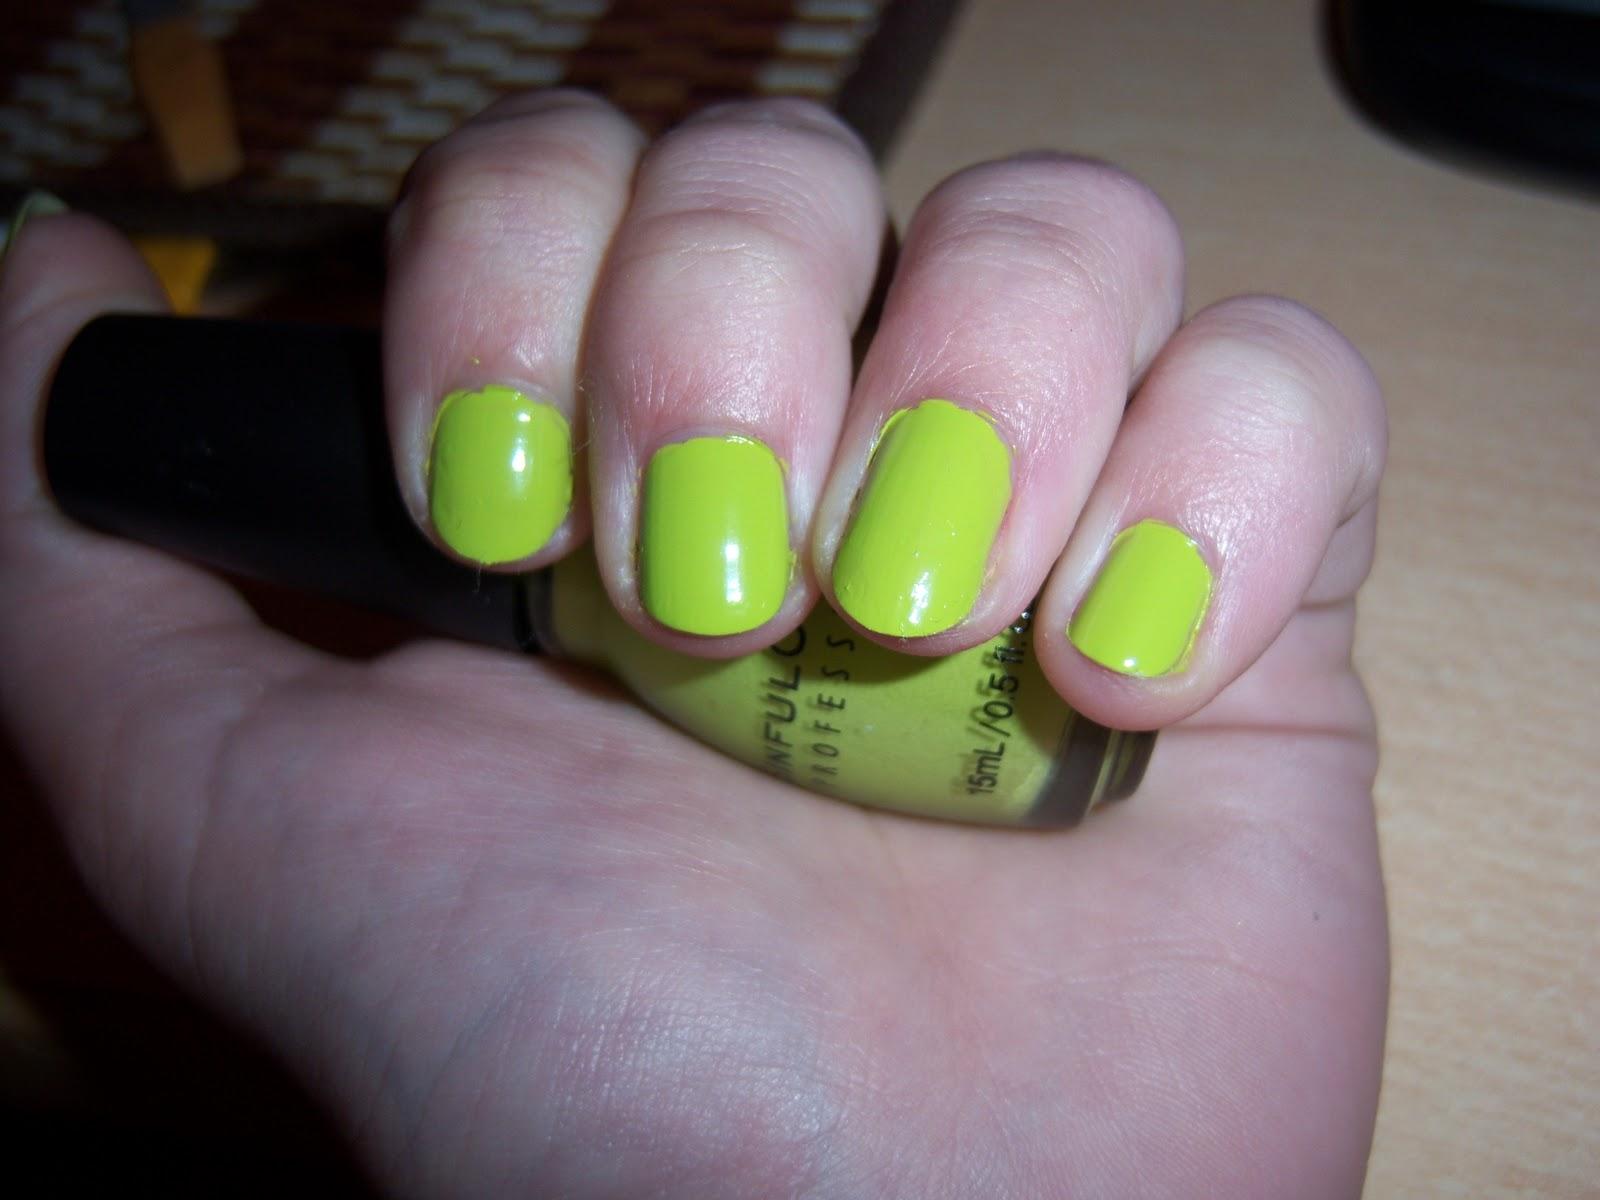 Diseño para uñas: Green dreams